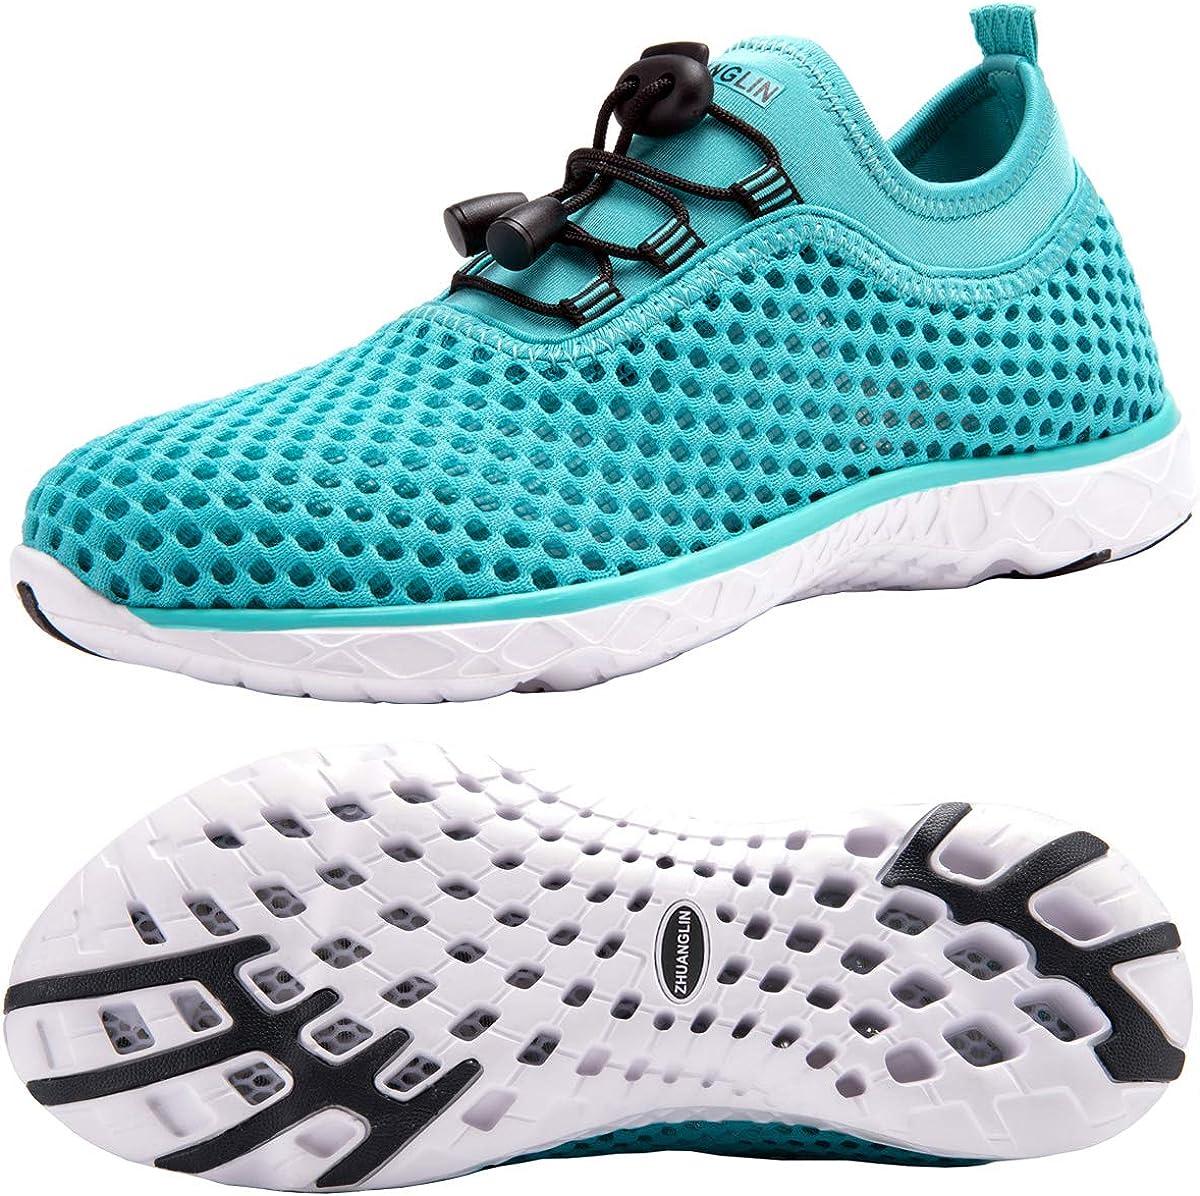   Zhuanglin Men's Quick Drying Aqua Water Shoes   Water Shoes